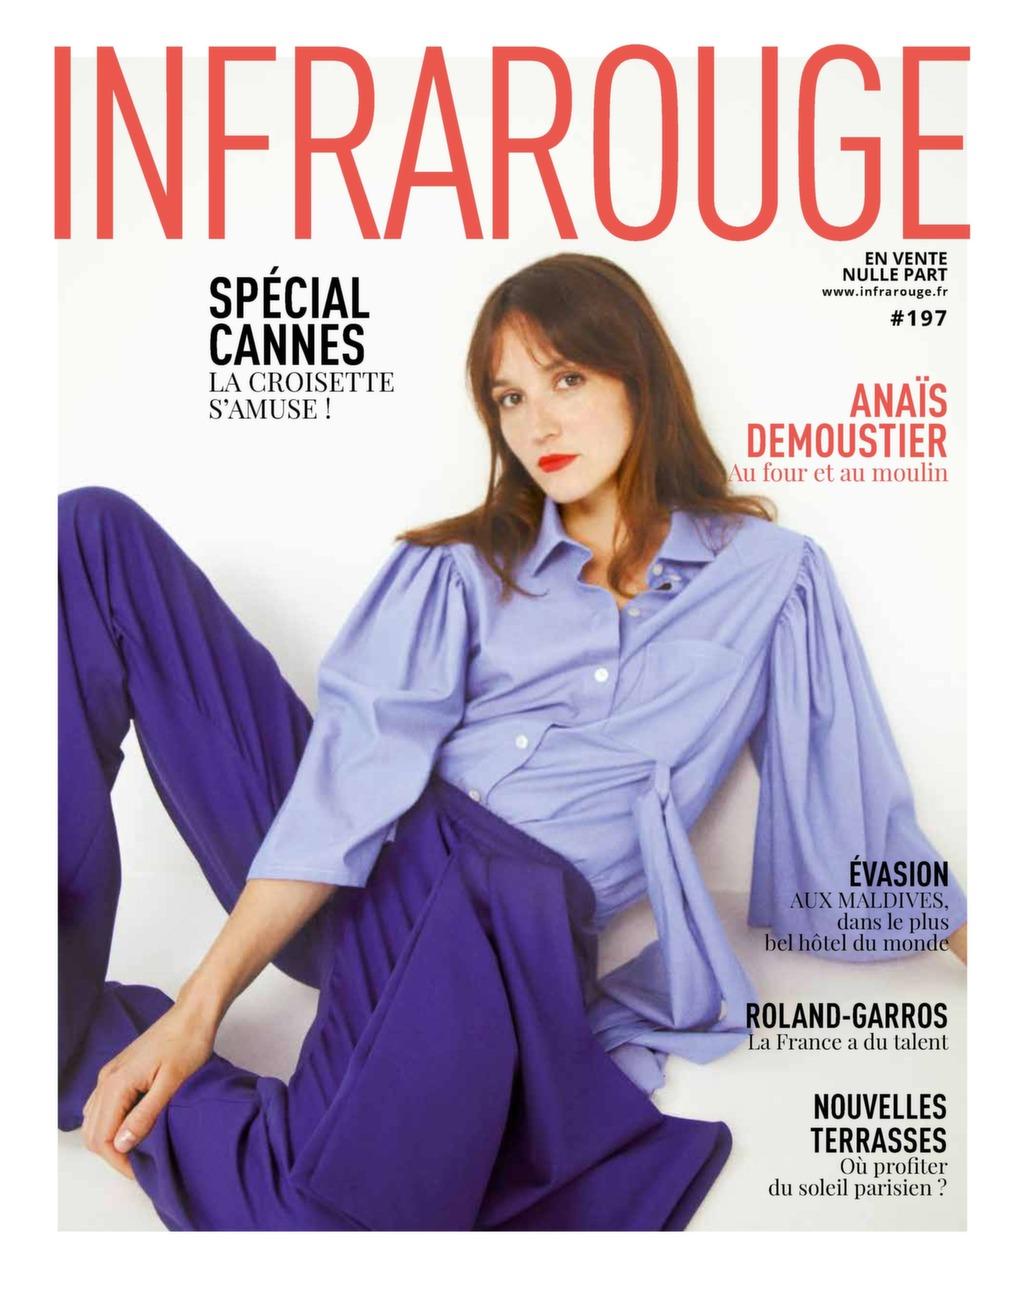 Couverture de magazine du mois de Mai 2018